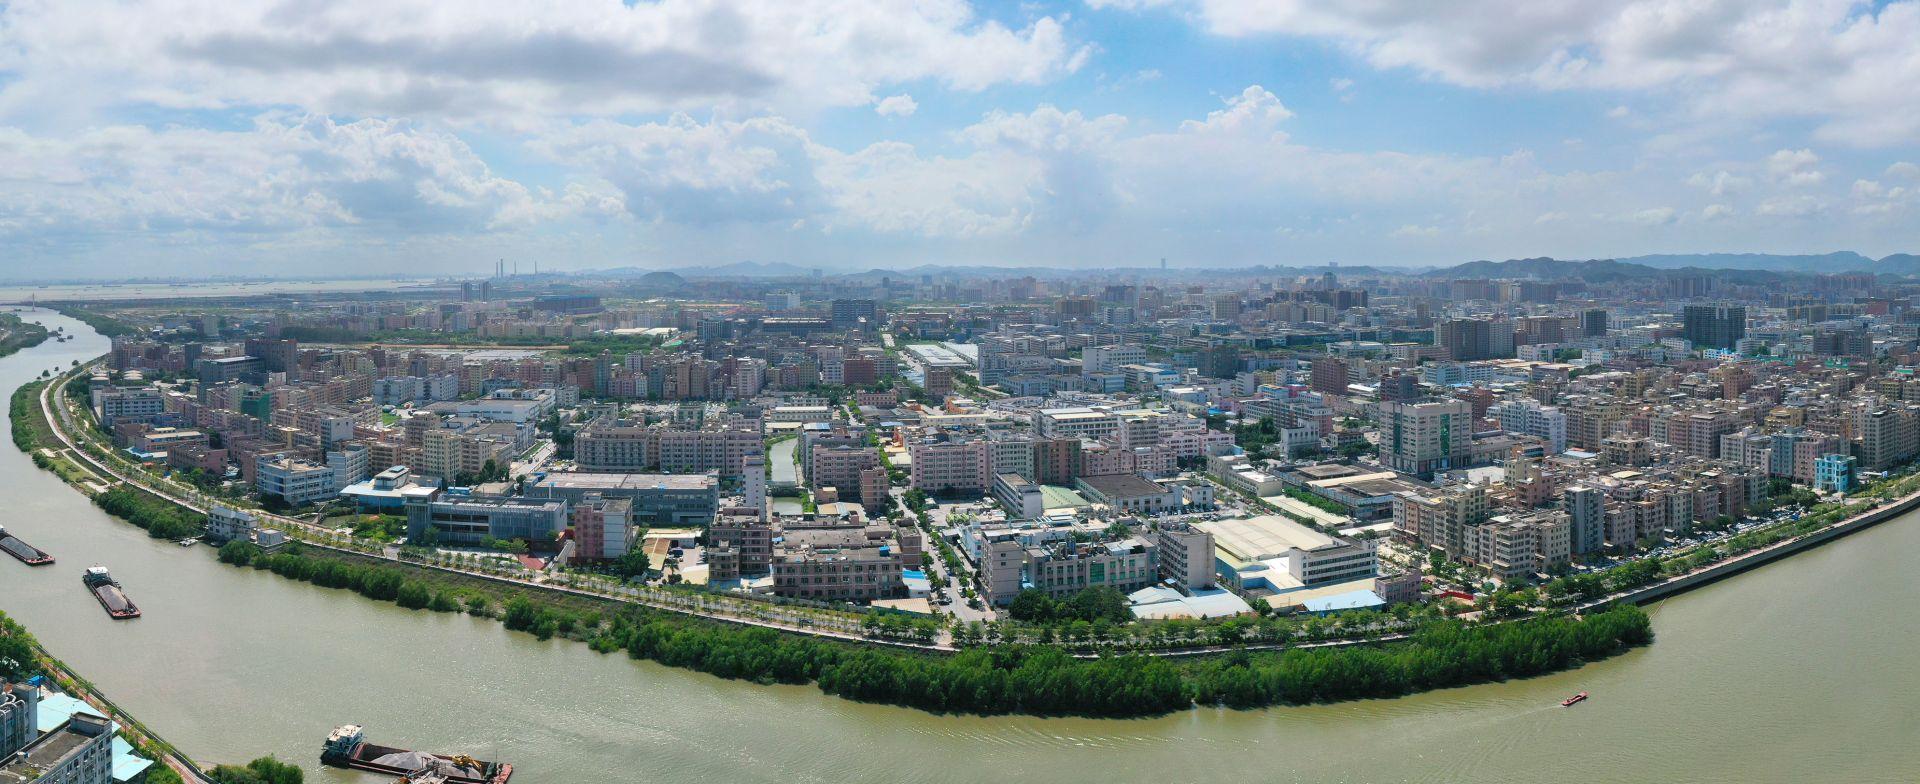 东莞市长安镇改造旧厂村有新动作:打造深莞共建的新兴产业集聚区